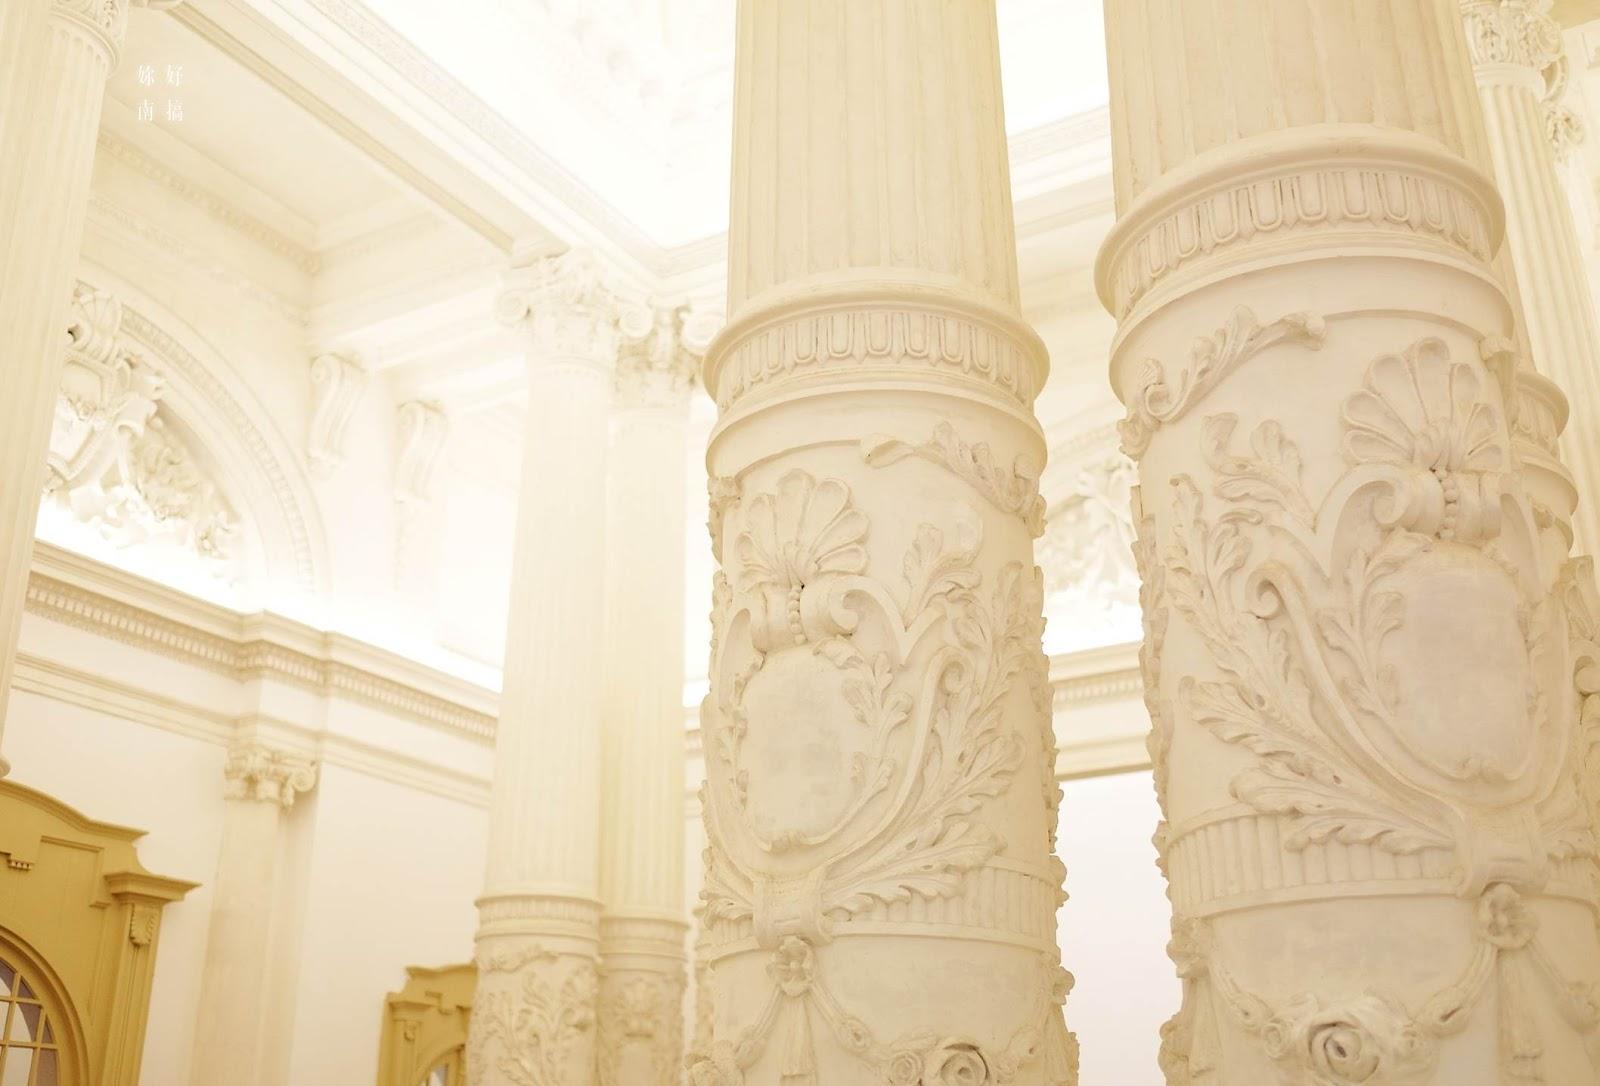 柱子上處處可見精緻的雕花設計